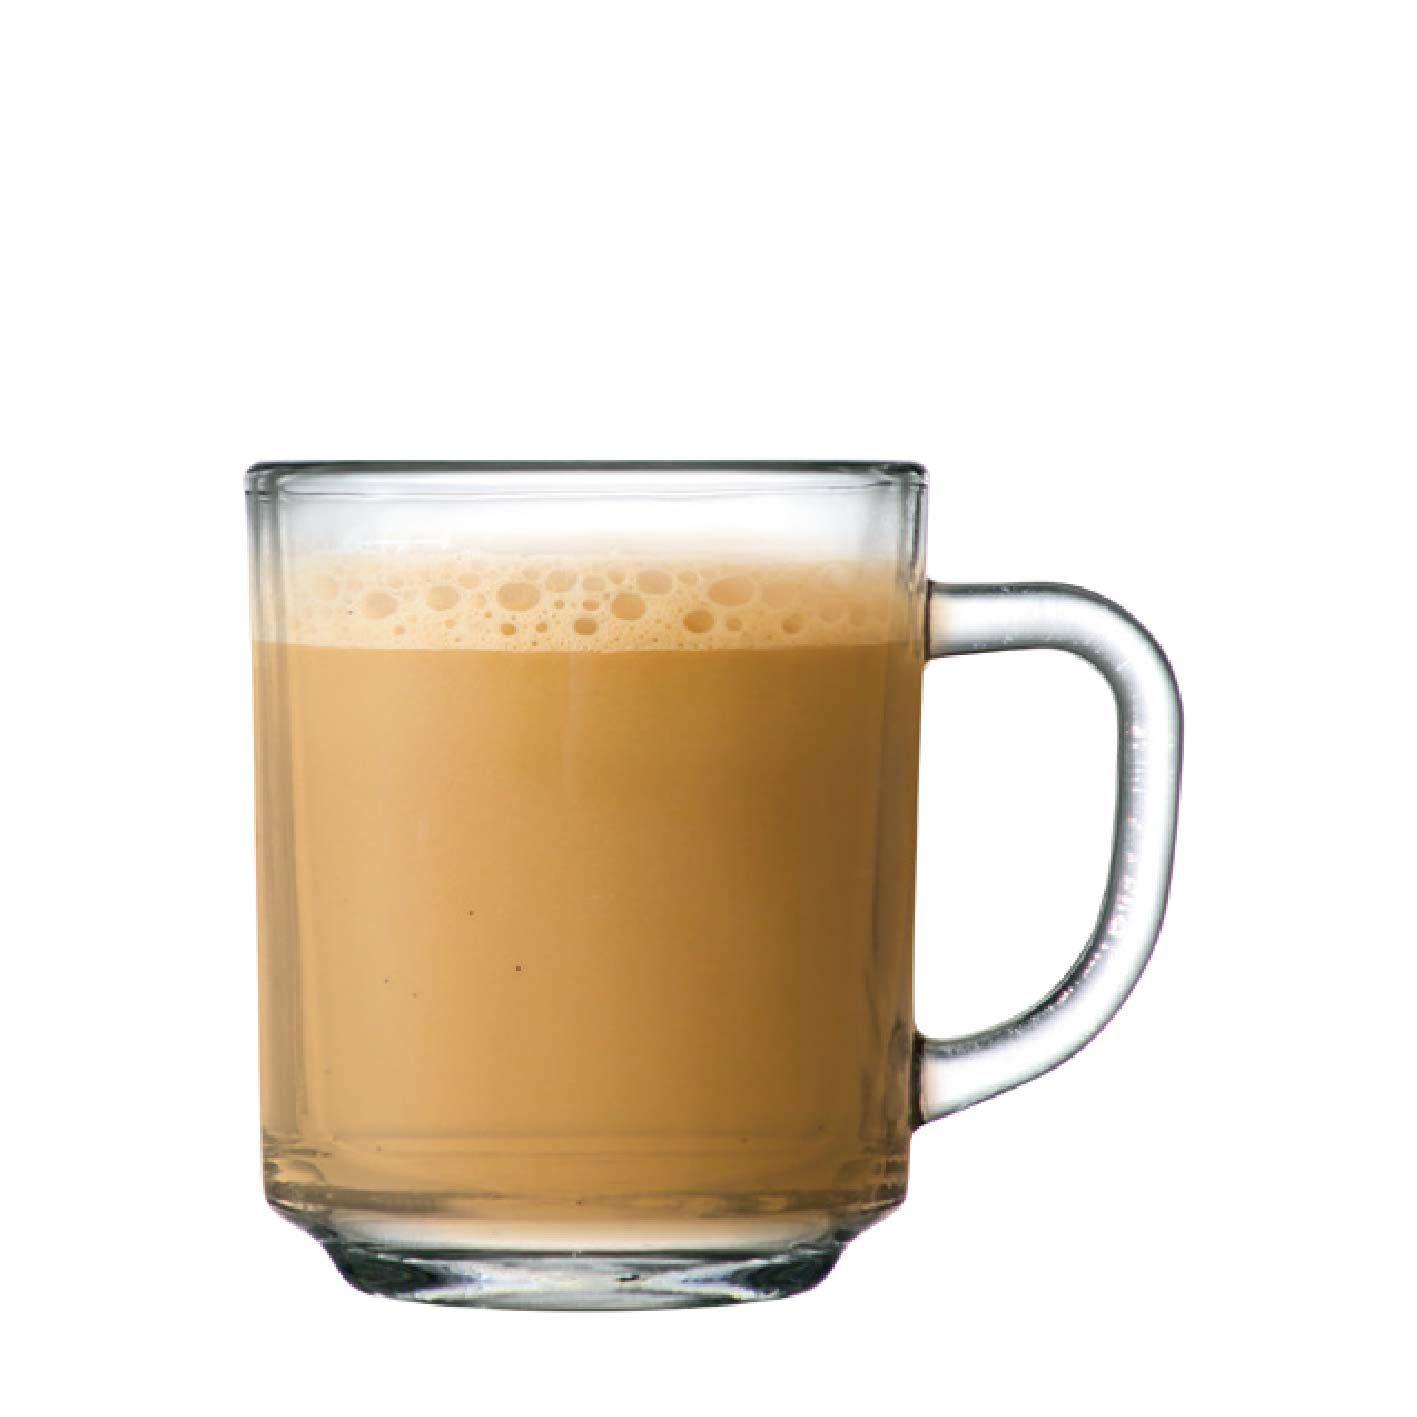 Jogo de Xicaras Canecas Copos Café First Coffee 245ml 2 Pcs